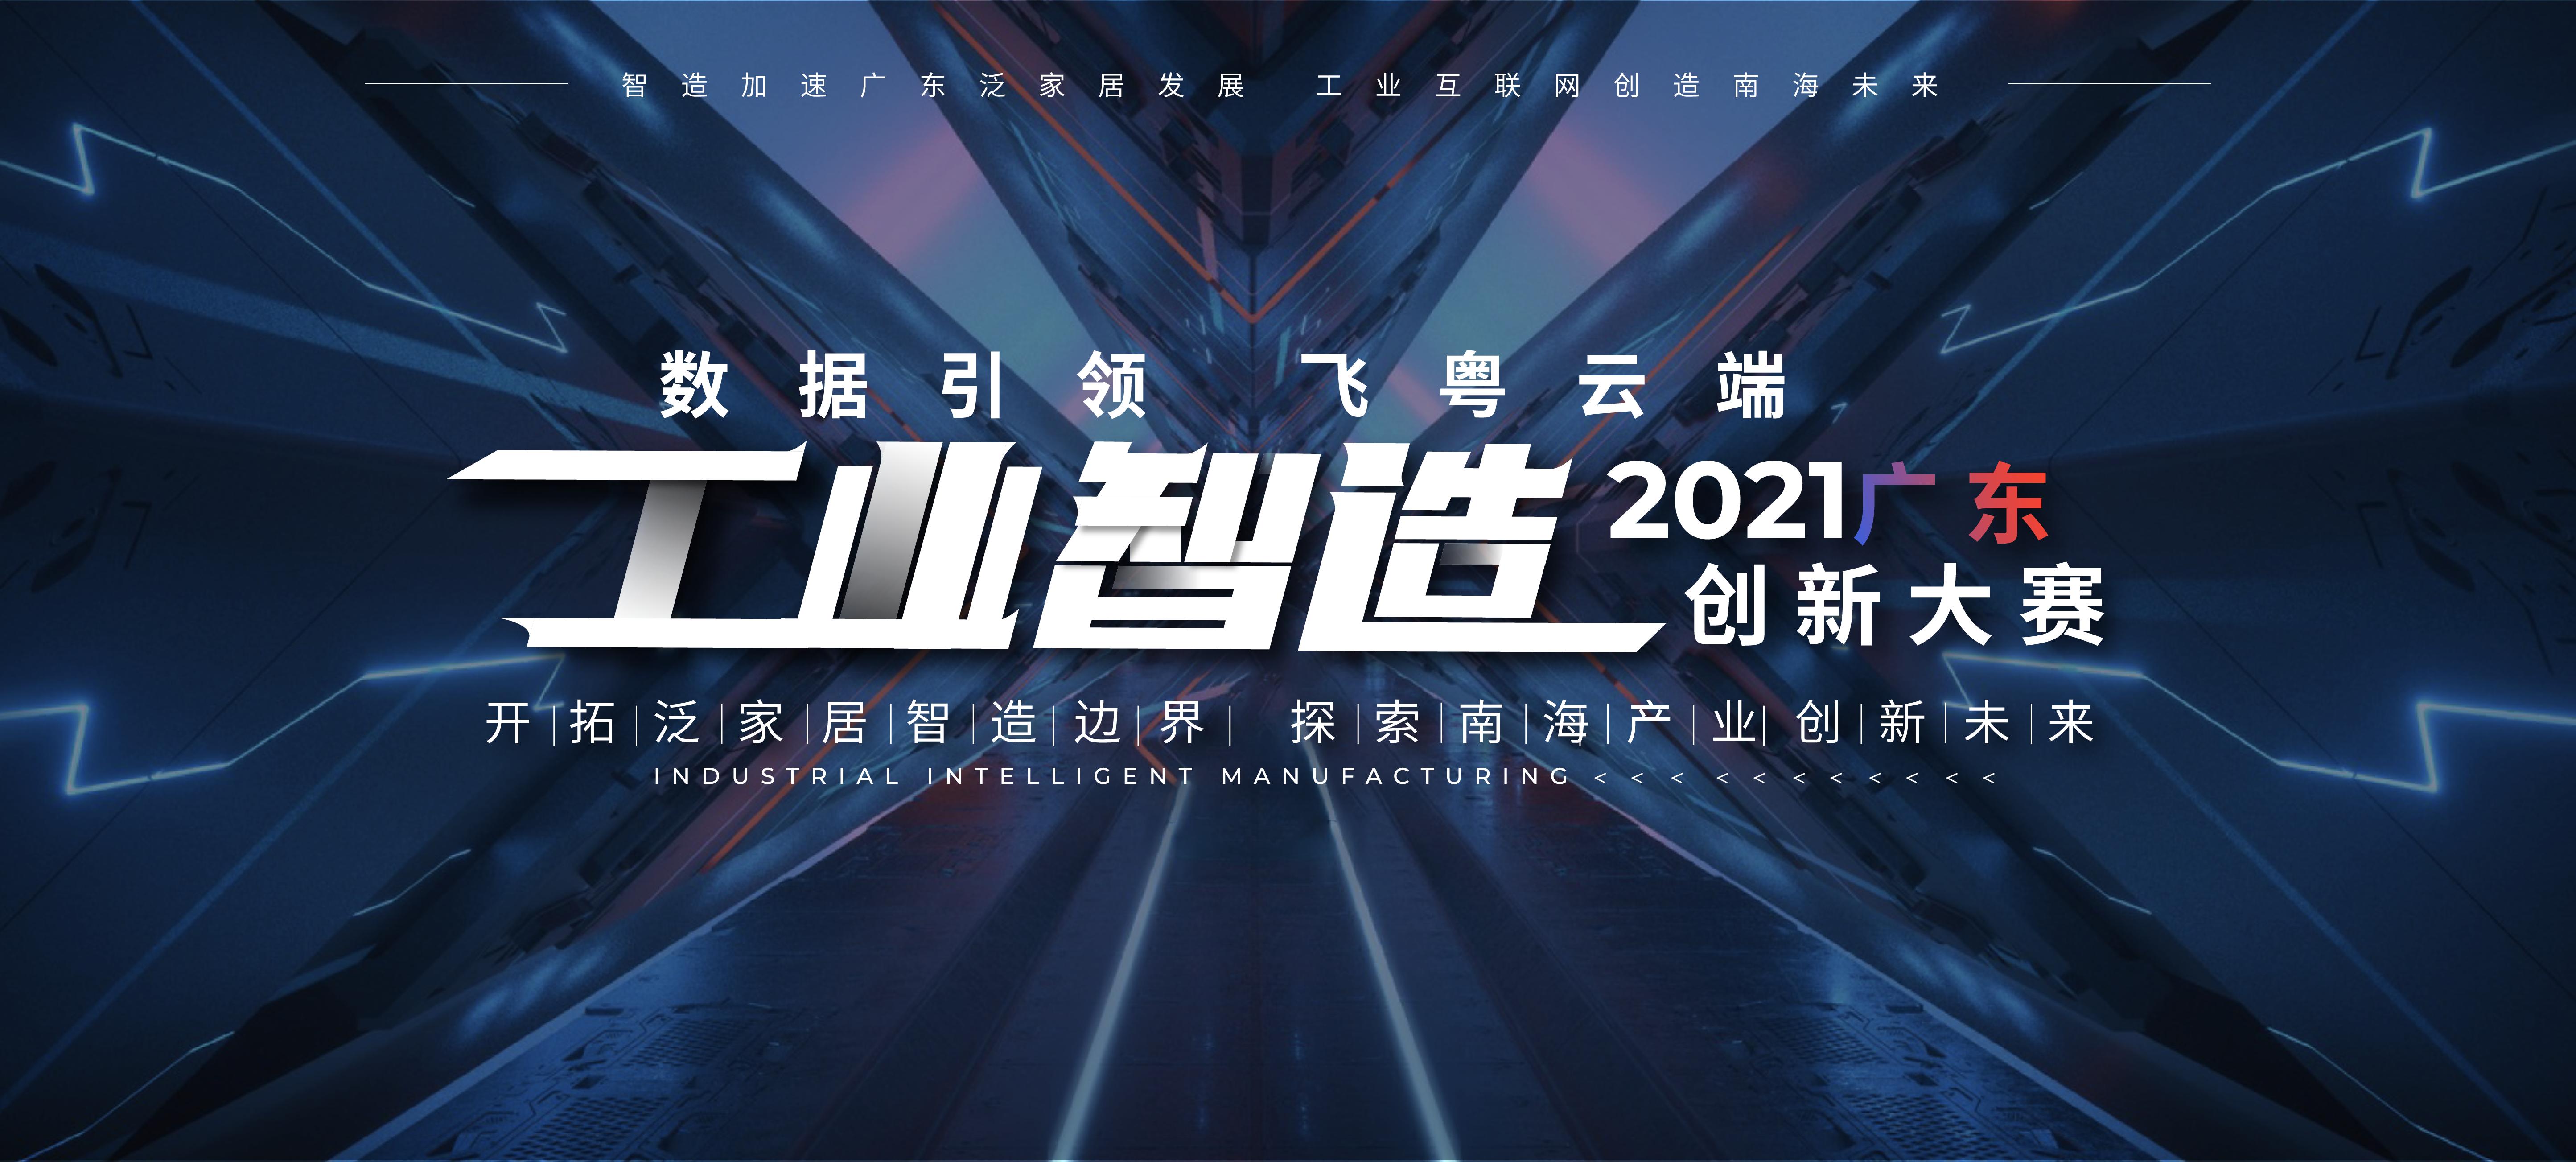 为工业物联数据协同服务商提供解决方案,「嘉泰智能」打通迈向工业互联网的第一公里 | 新科技创业2021